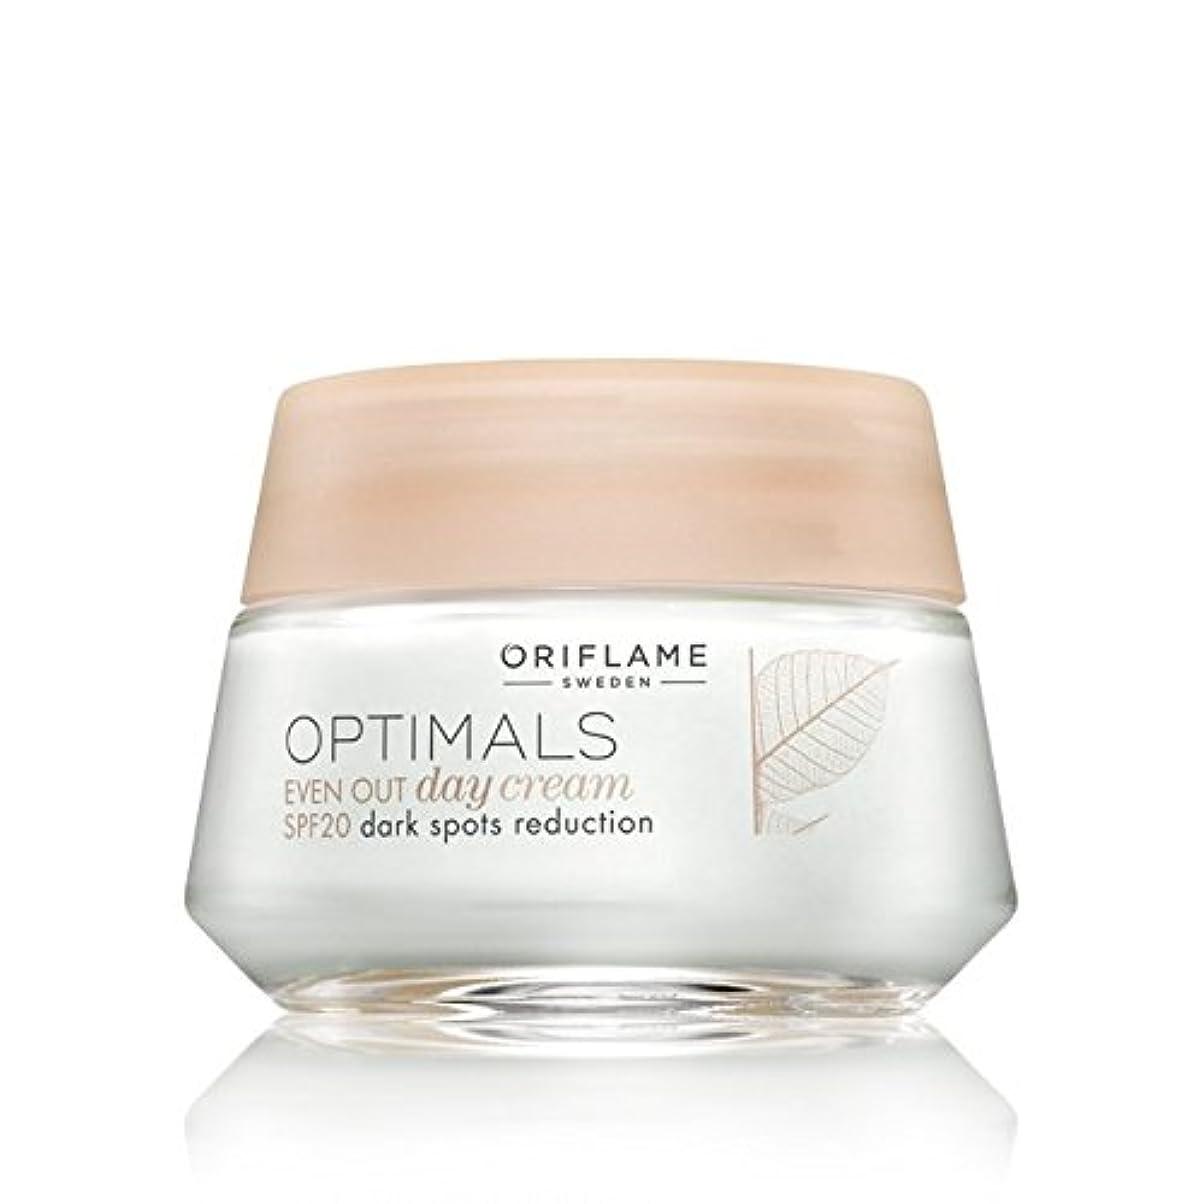 政治家ホイスト目を覚ますOriflame Optimals SPF 20 Dark Spot Reduction Even Out Day Cream, 50ml